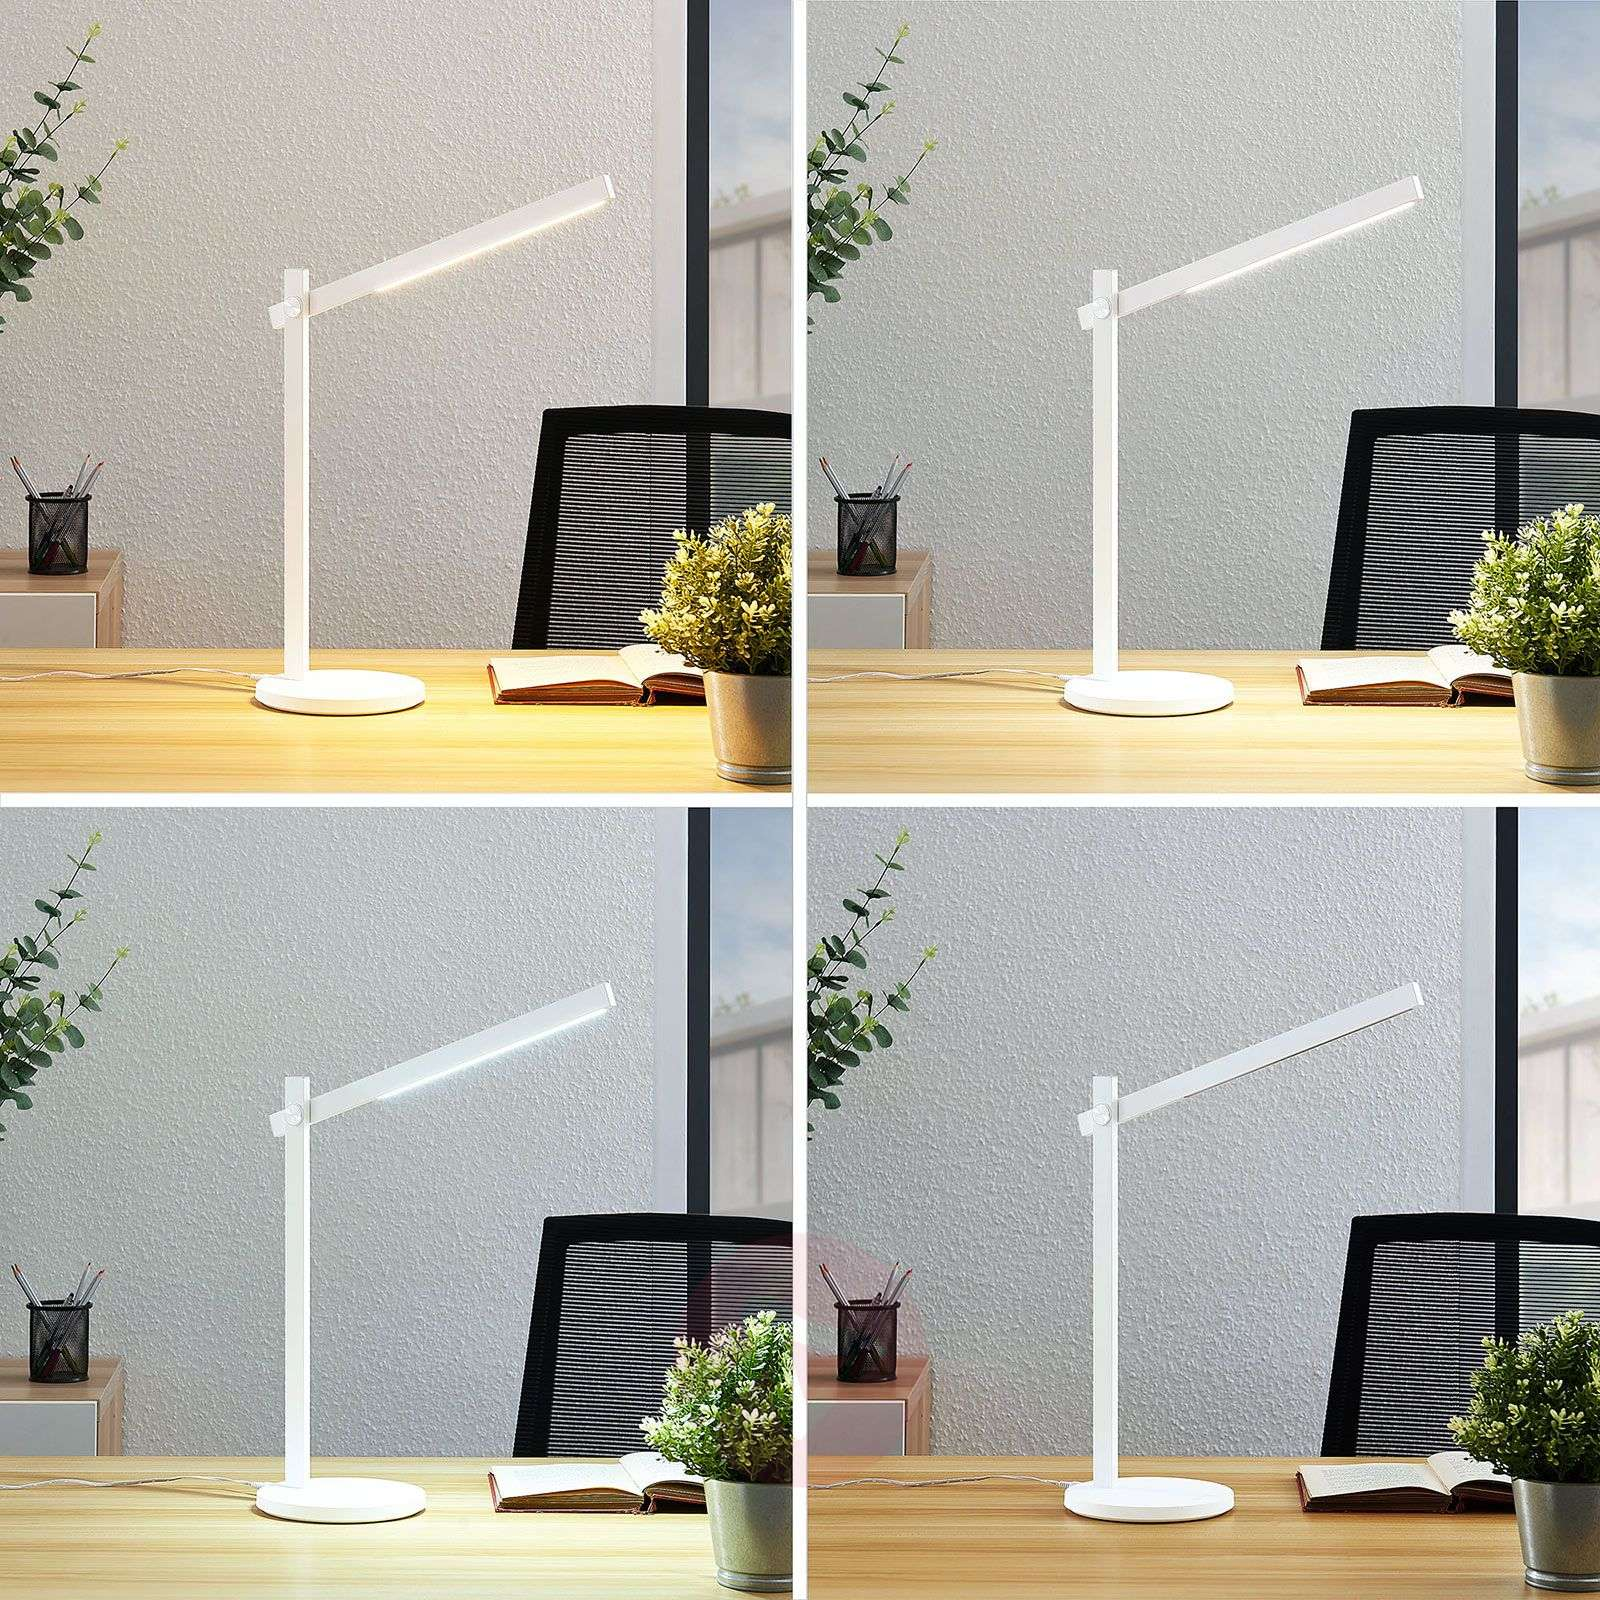 LED-työpöytälamppu Loretta, suoralinjainen, valk.-9643075-02